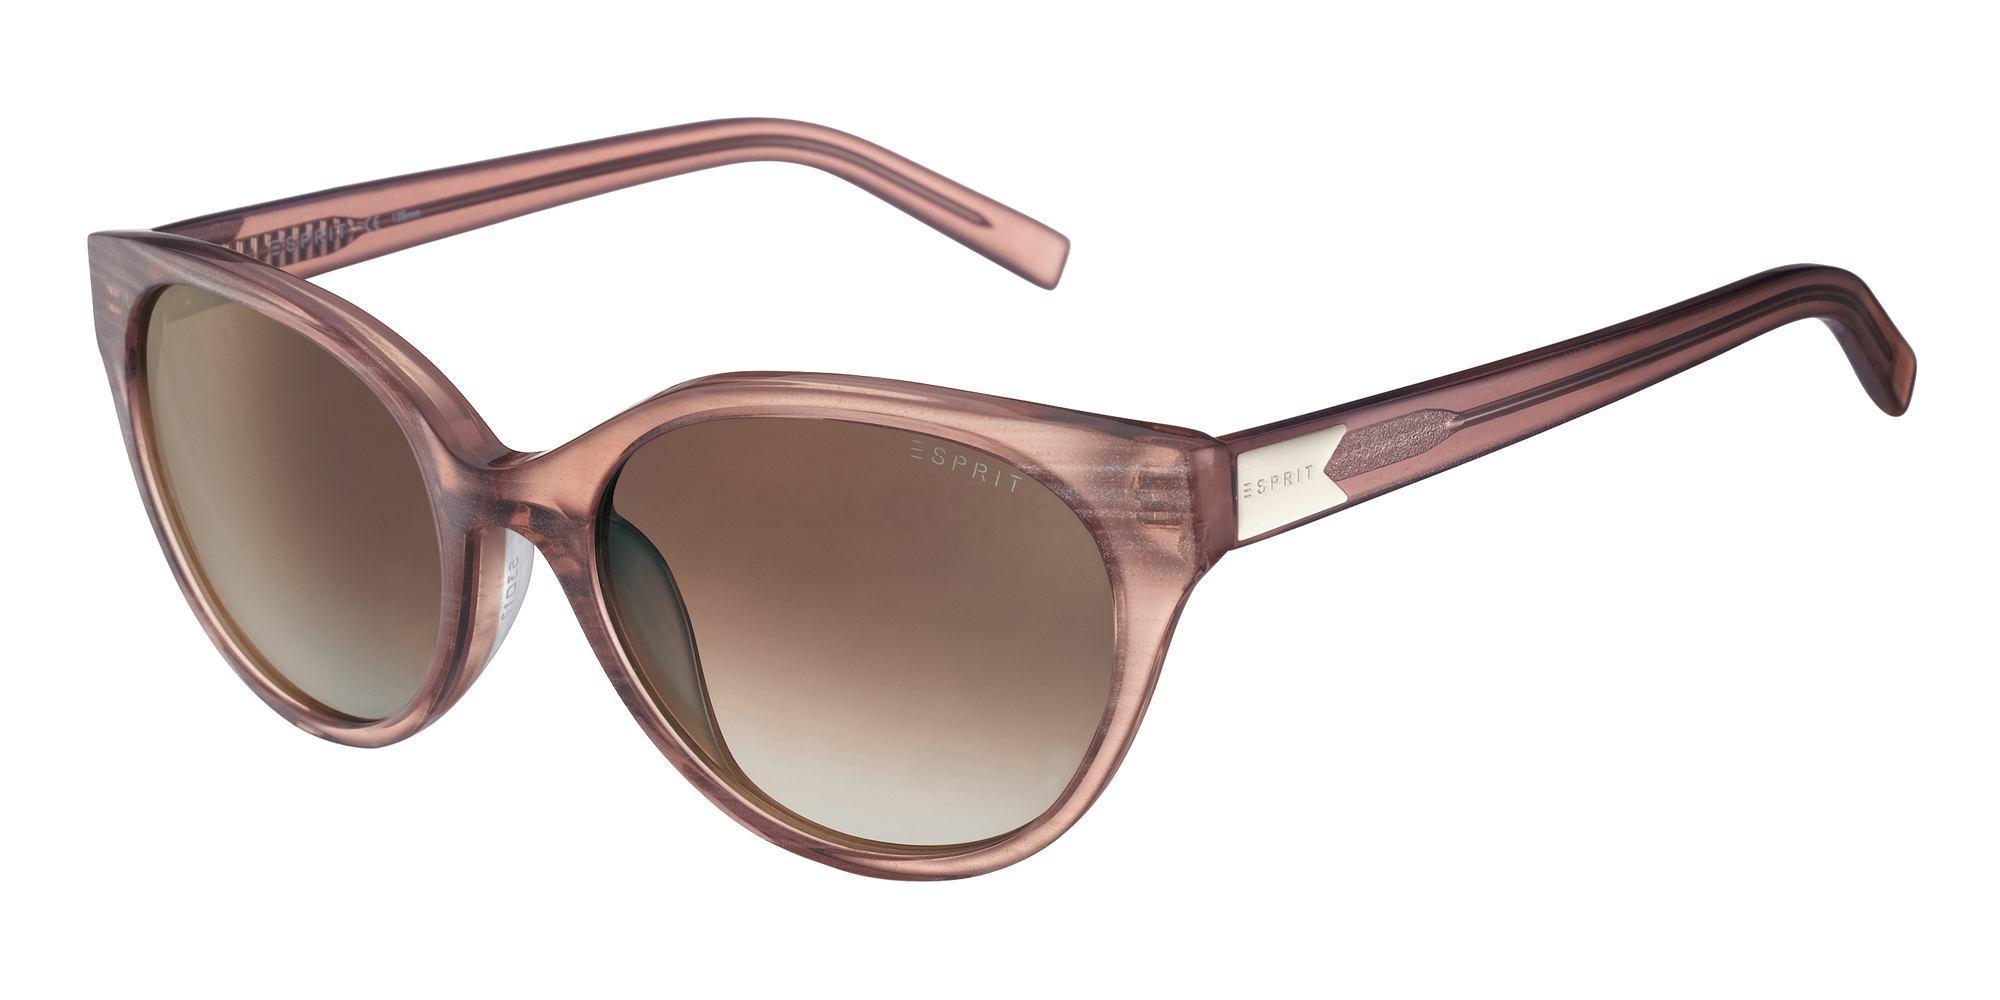 534 ET17845 Sunglasses, Esprit